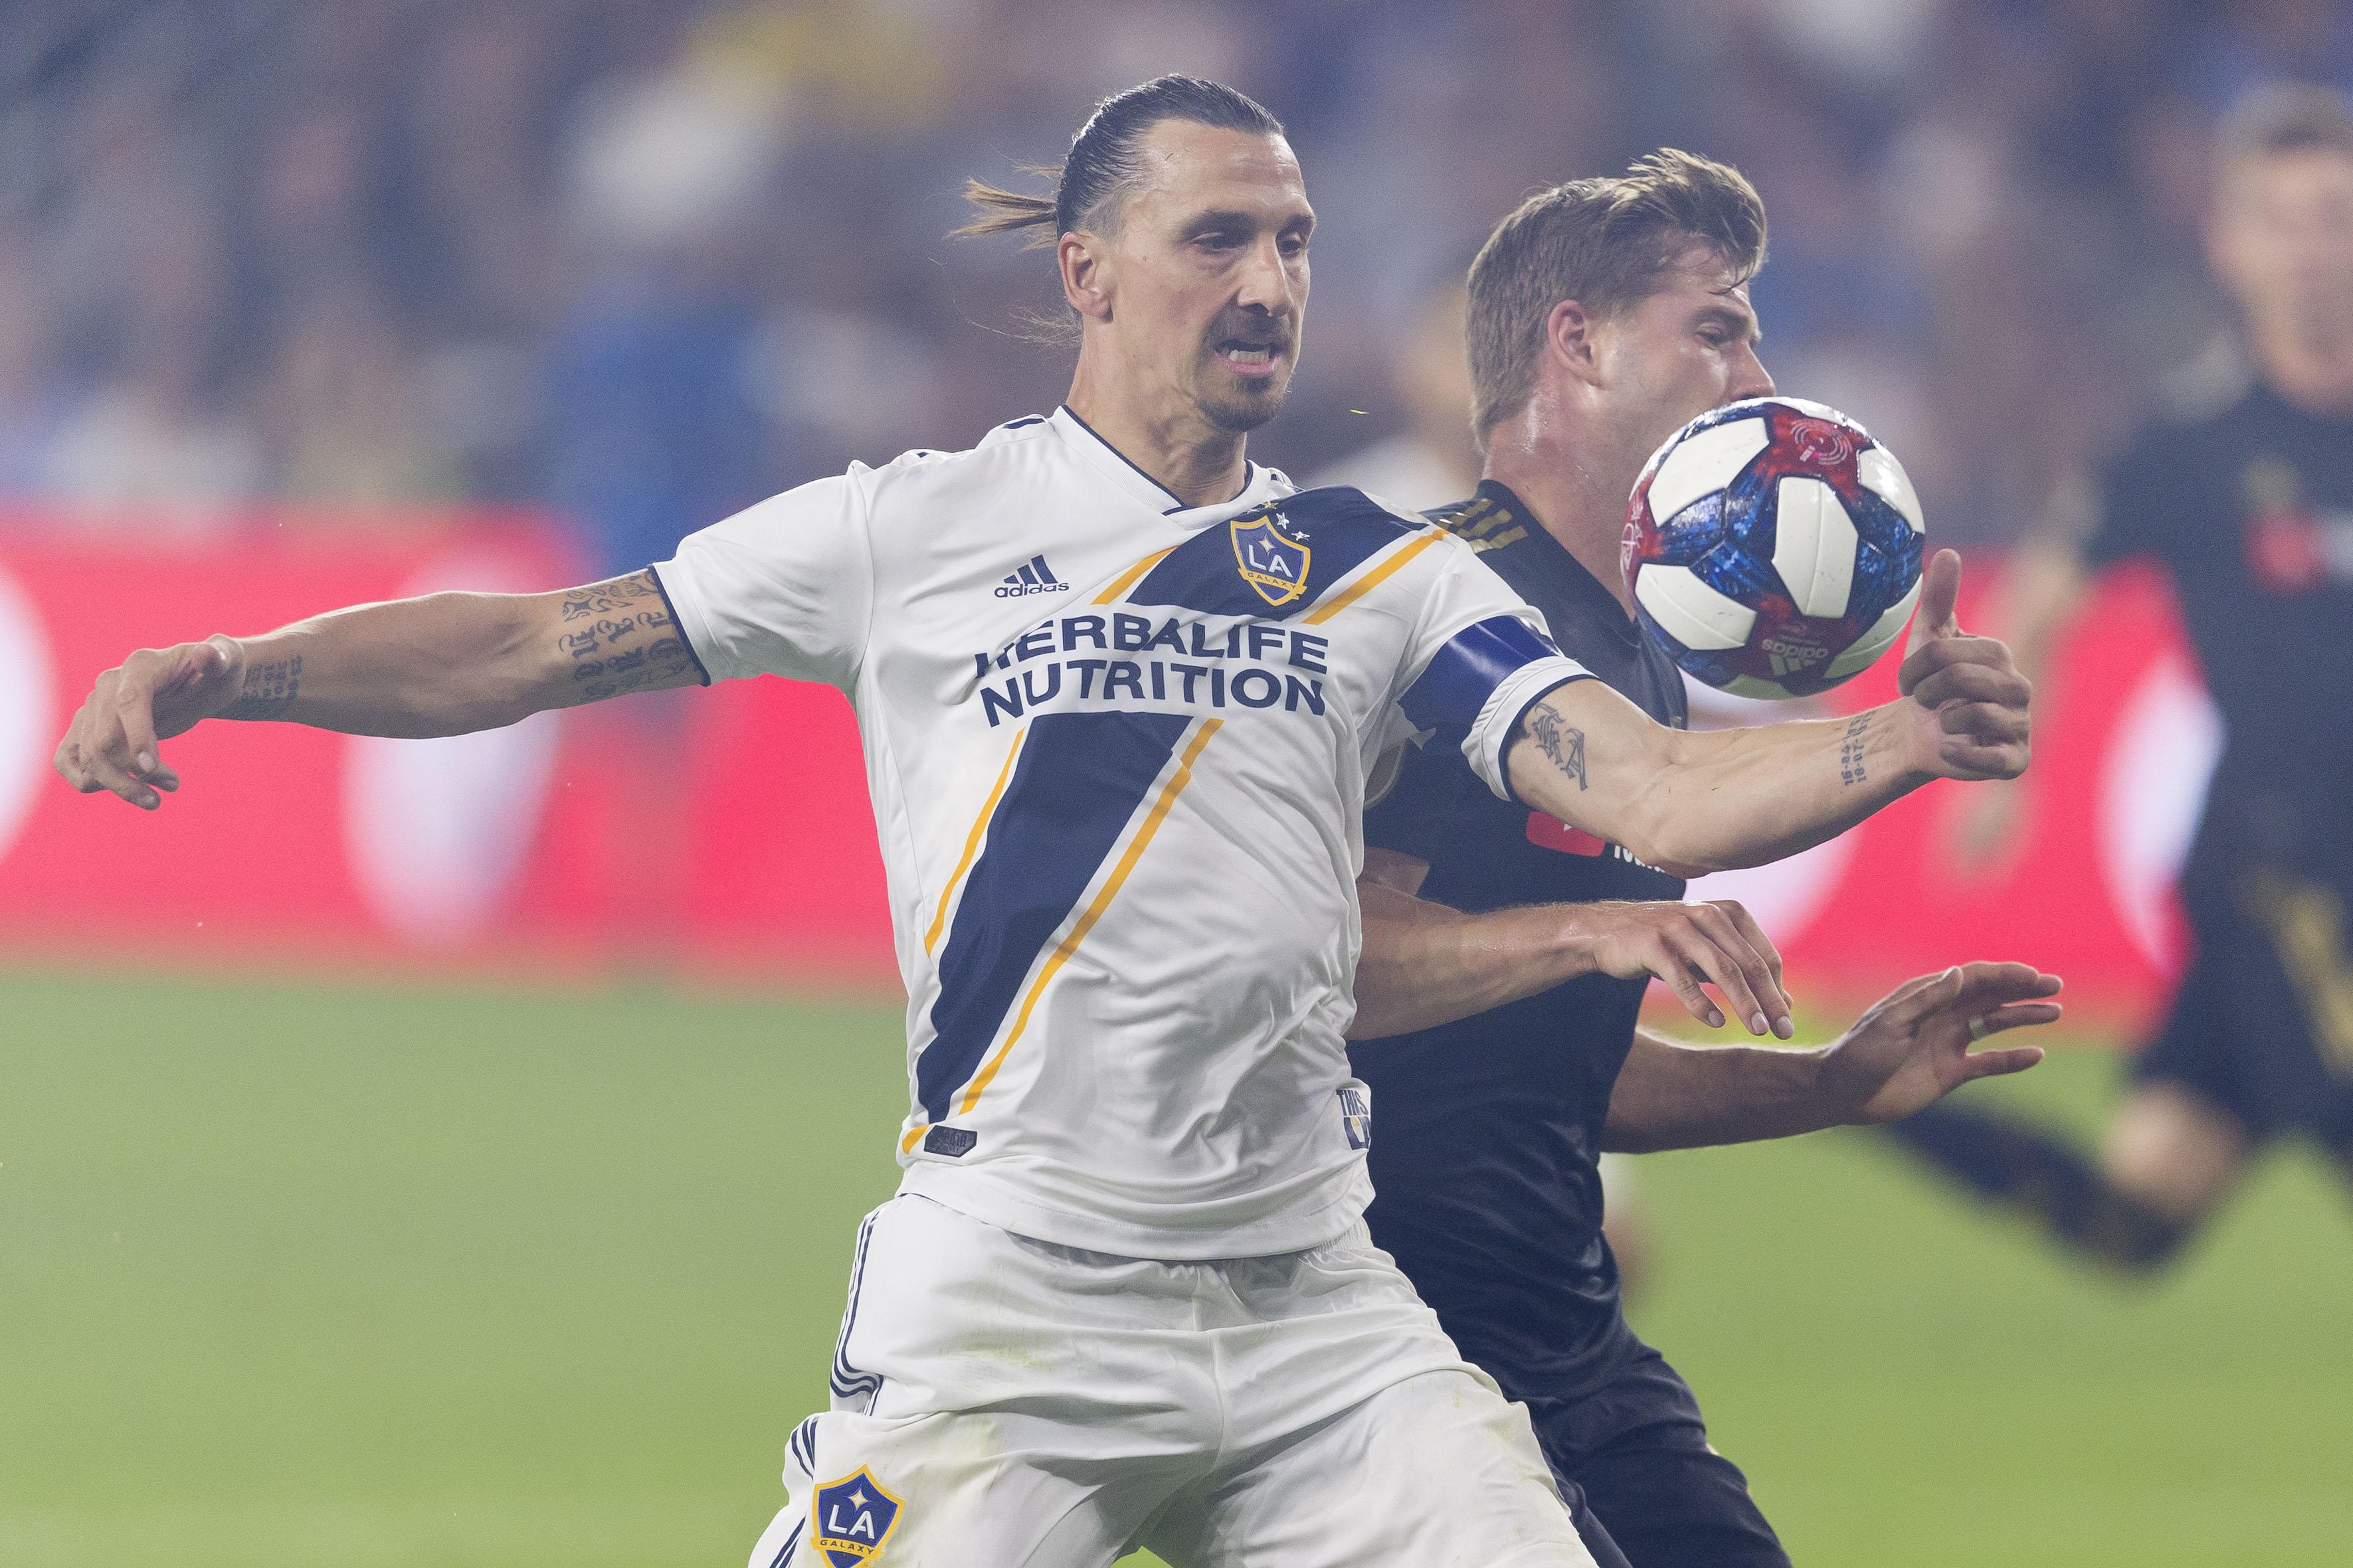 Is Zlatan Ibrahimovic coming to Liverpool?